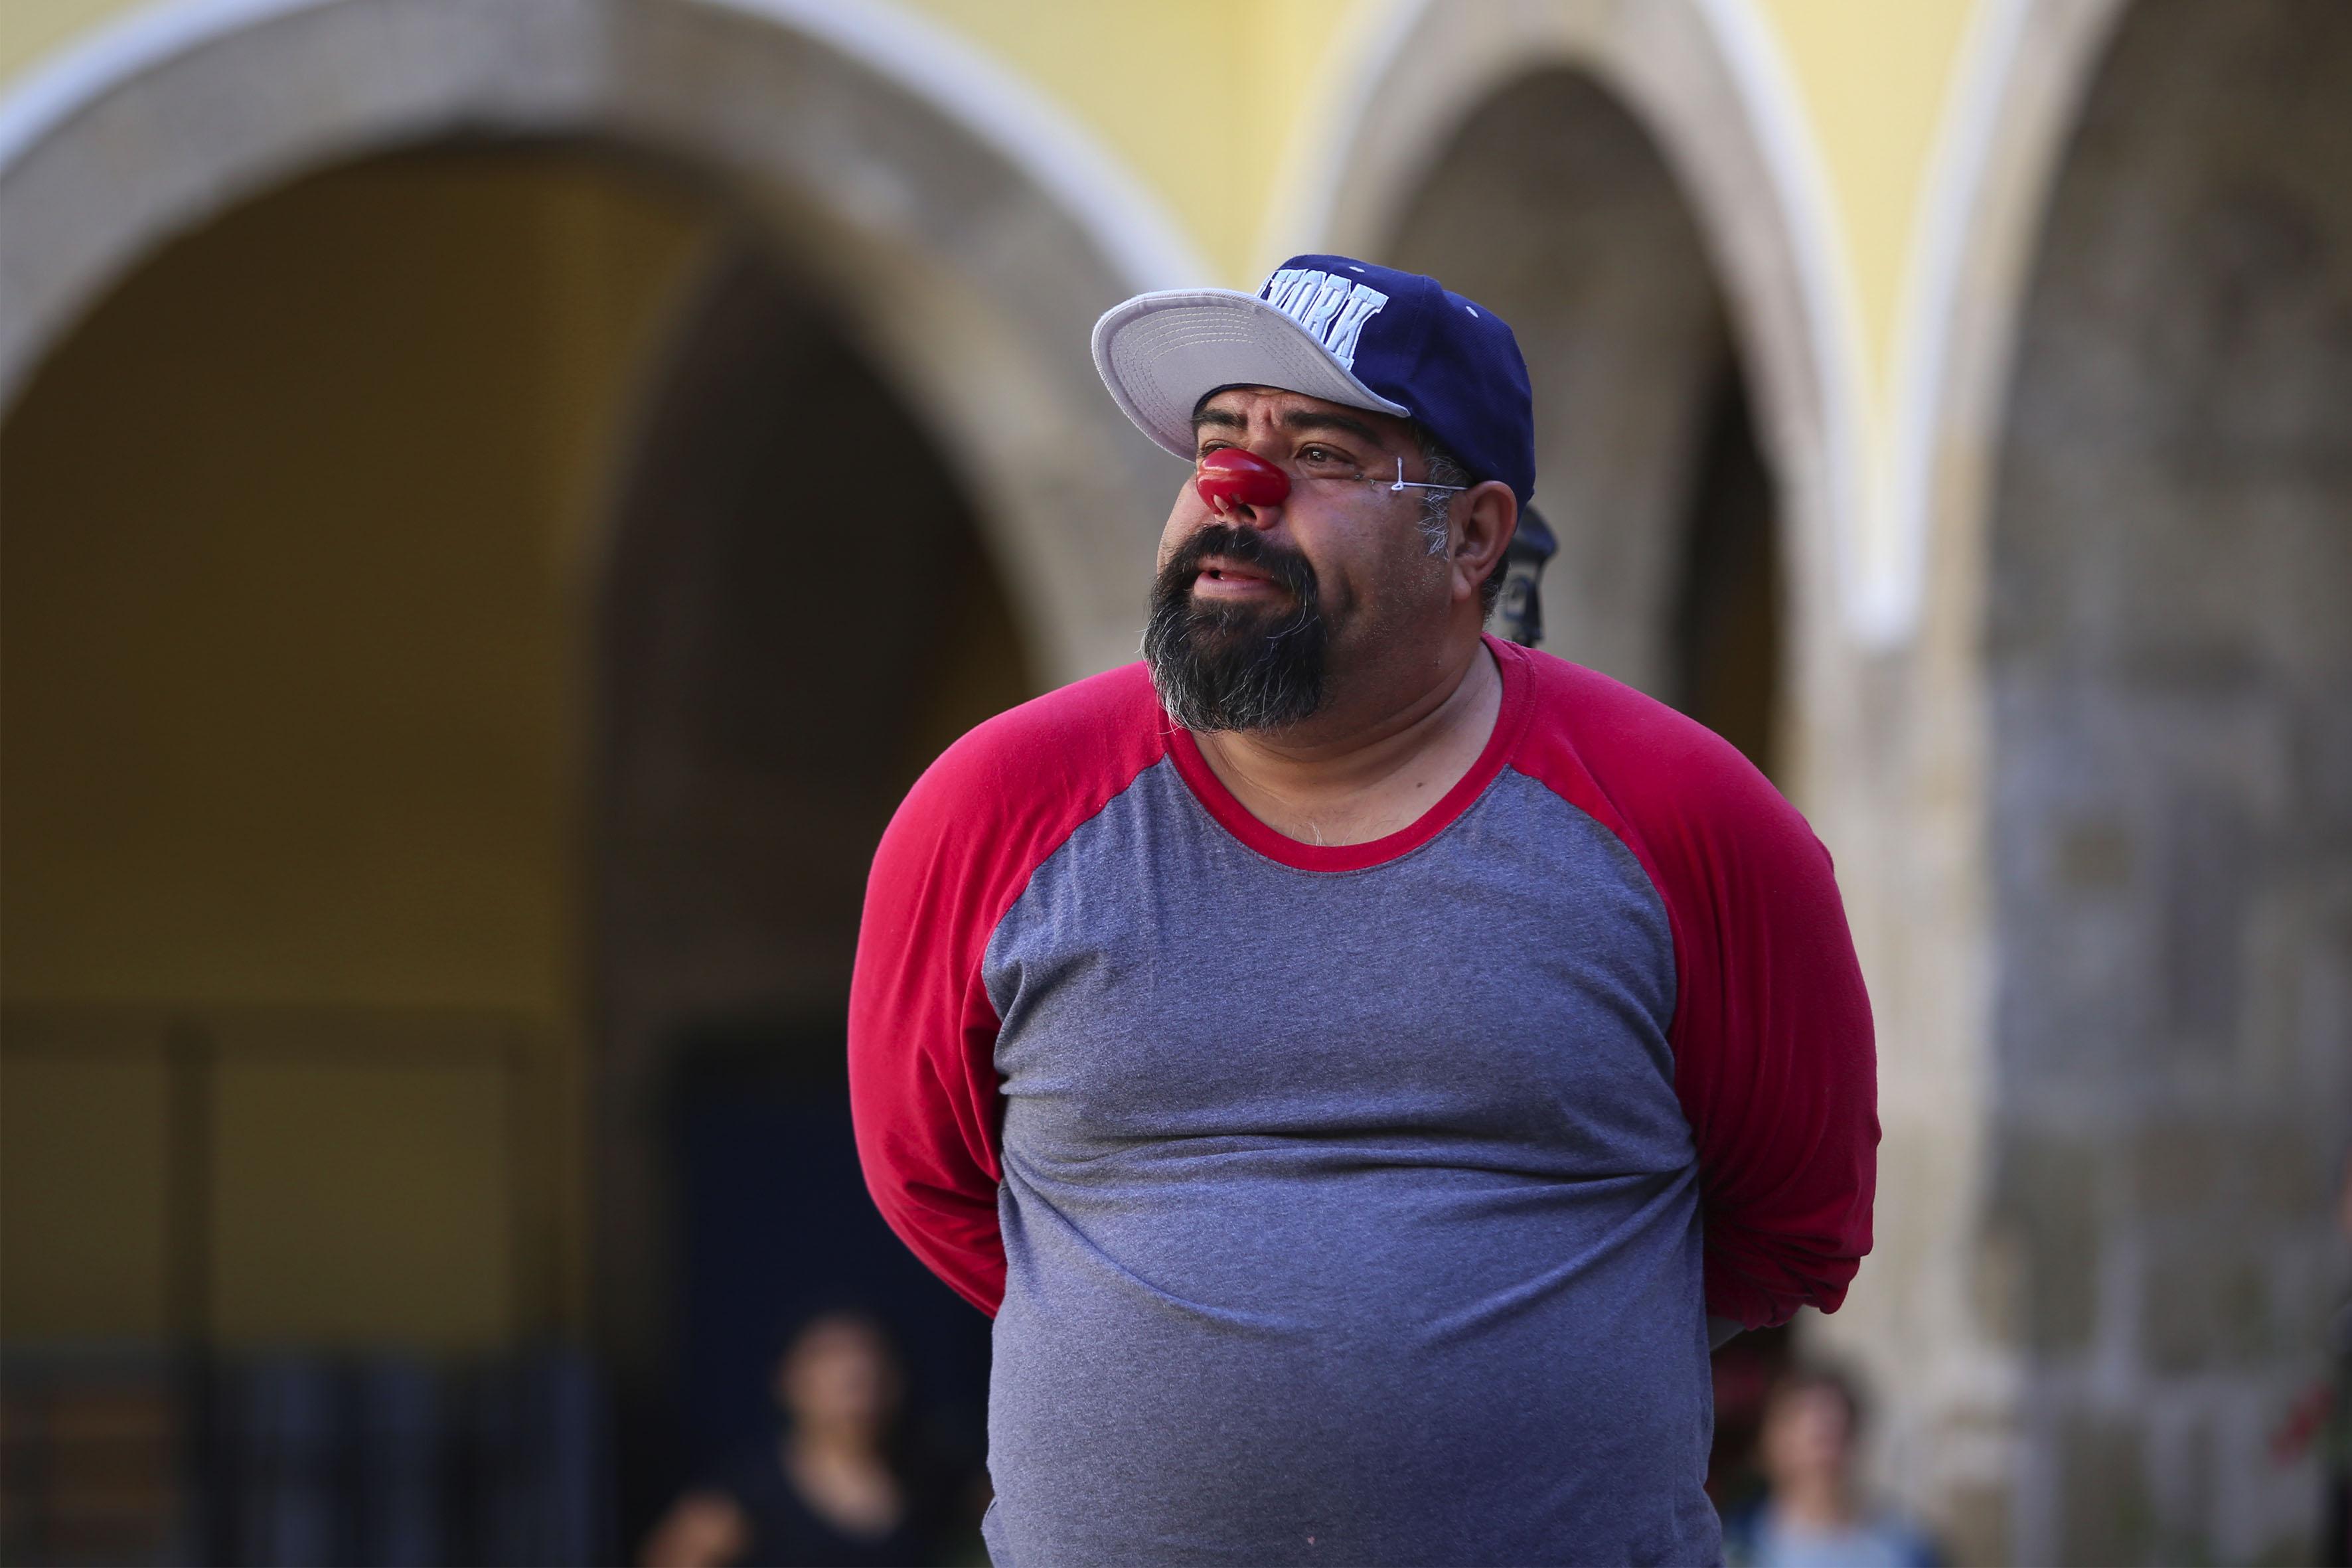 Profesor Rafael Rosas, con una naríz roja, para la caracterización de un clown.